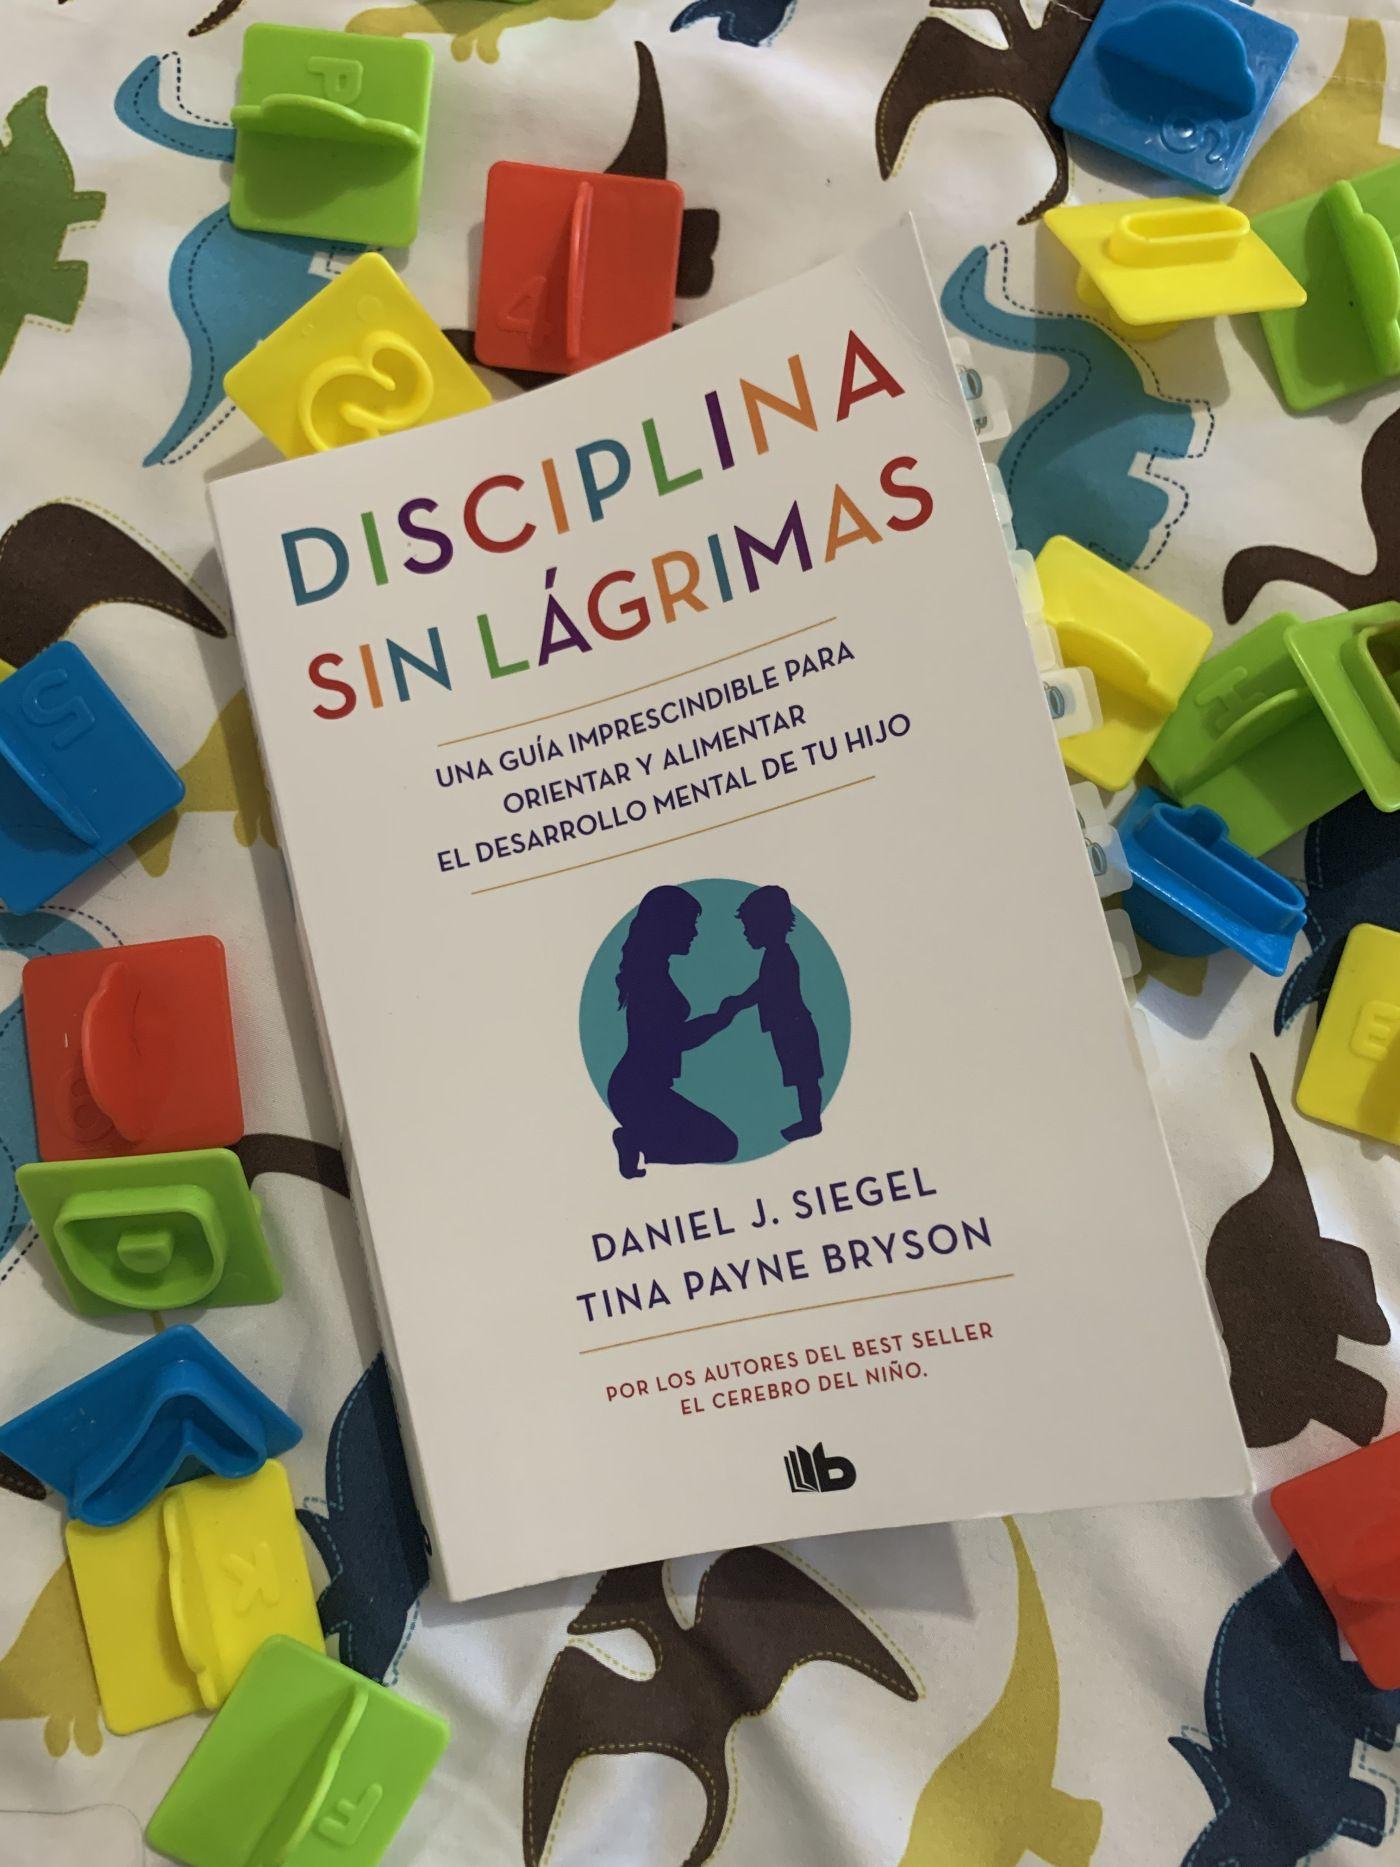 Mamátambiénlee Disciplina Sin Lágrimas Masha B Blog Por María Moctezuma Disciplina El Cerebro Del Niño Emocional